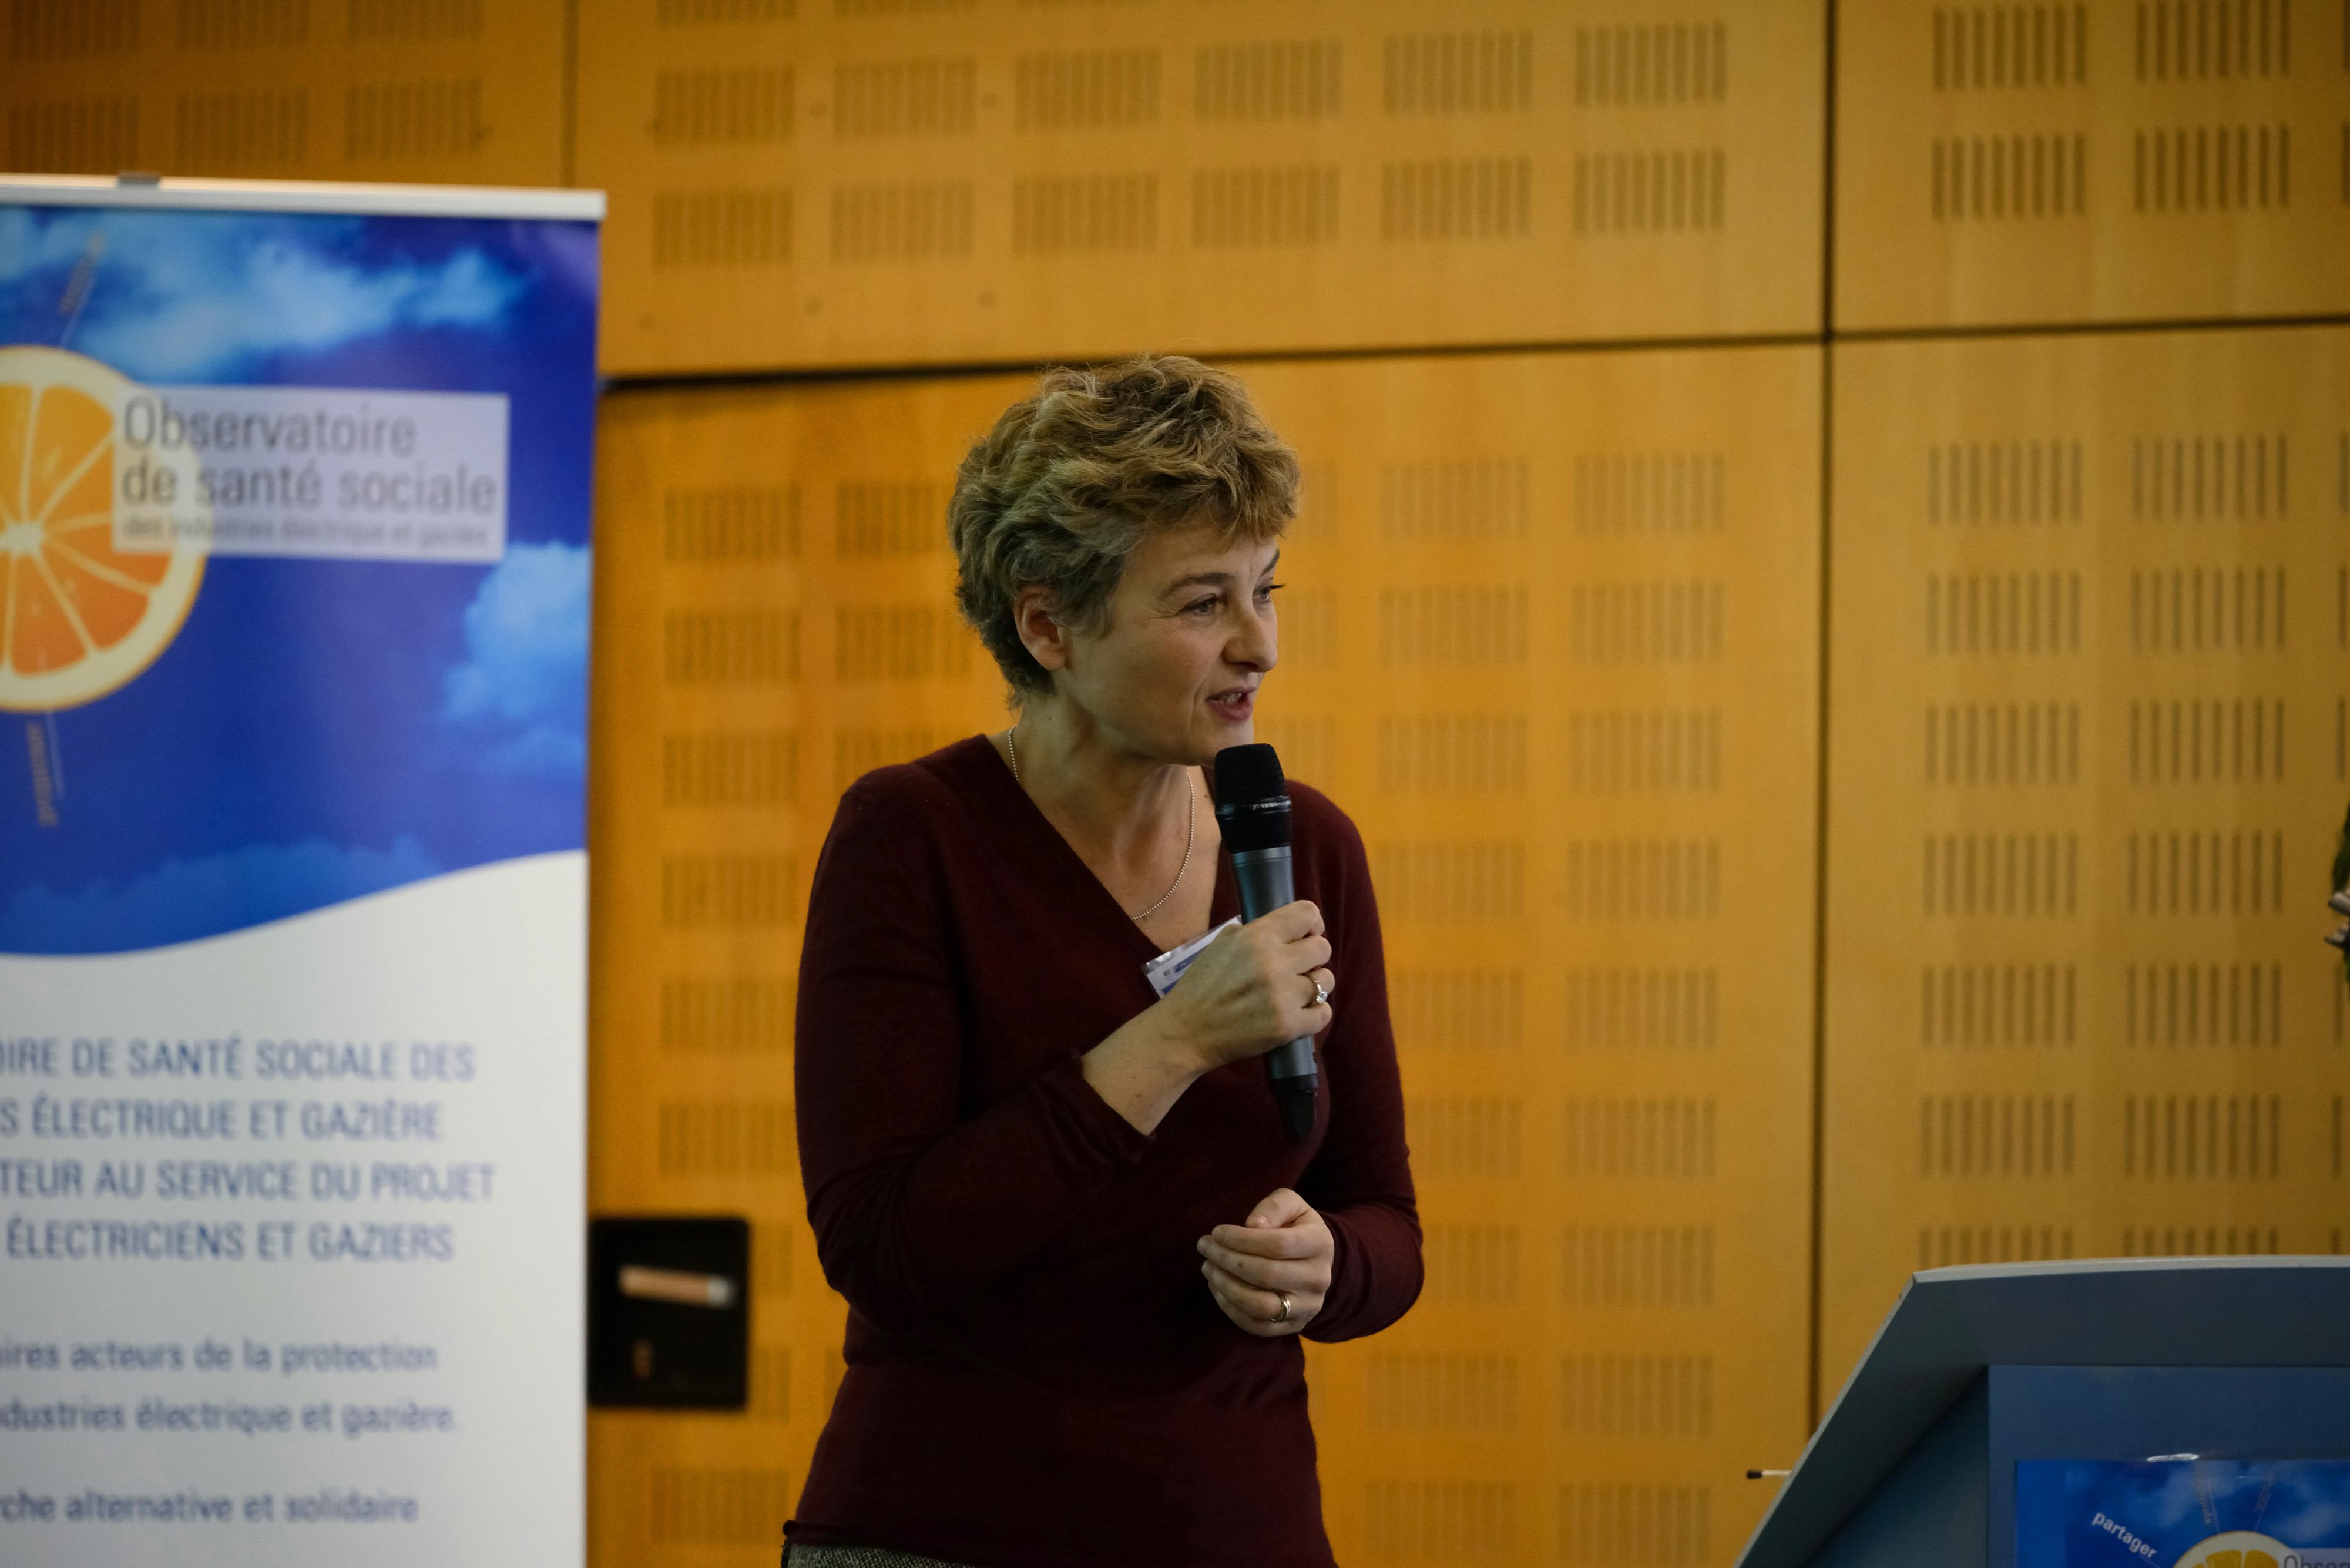 Journée inaugurale de l'Observatoire de Santé Sociale 27 novembre 2013 à Montreuil (Projet santé des électriciens et gaziers) Dr Marie ZINS (INSERM), médecin